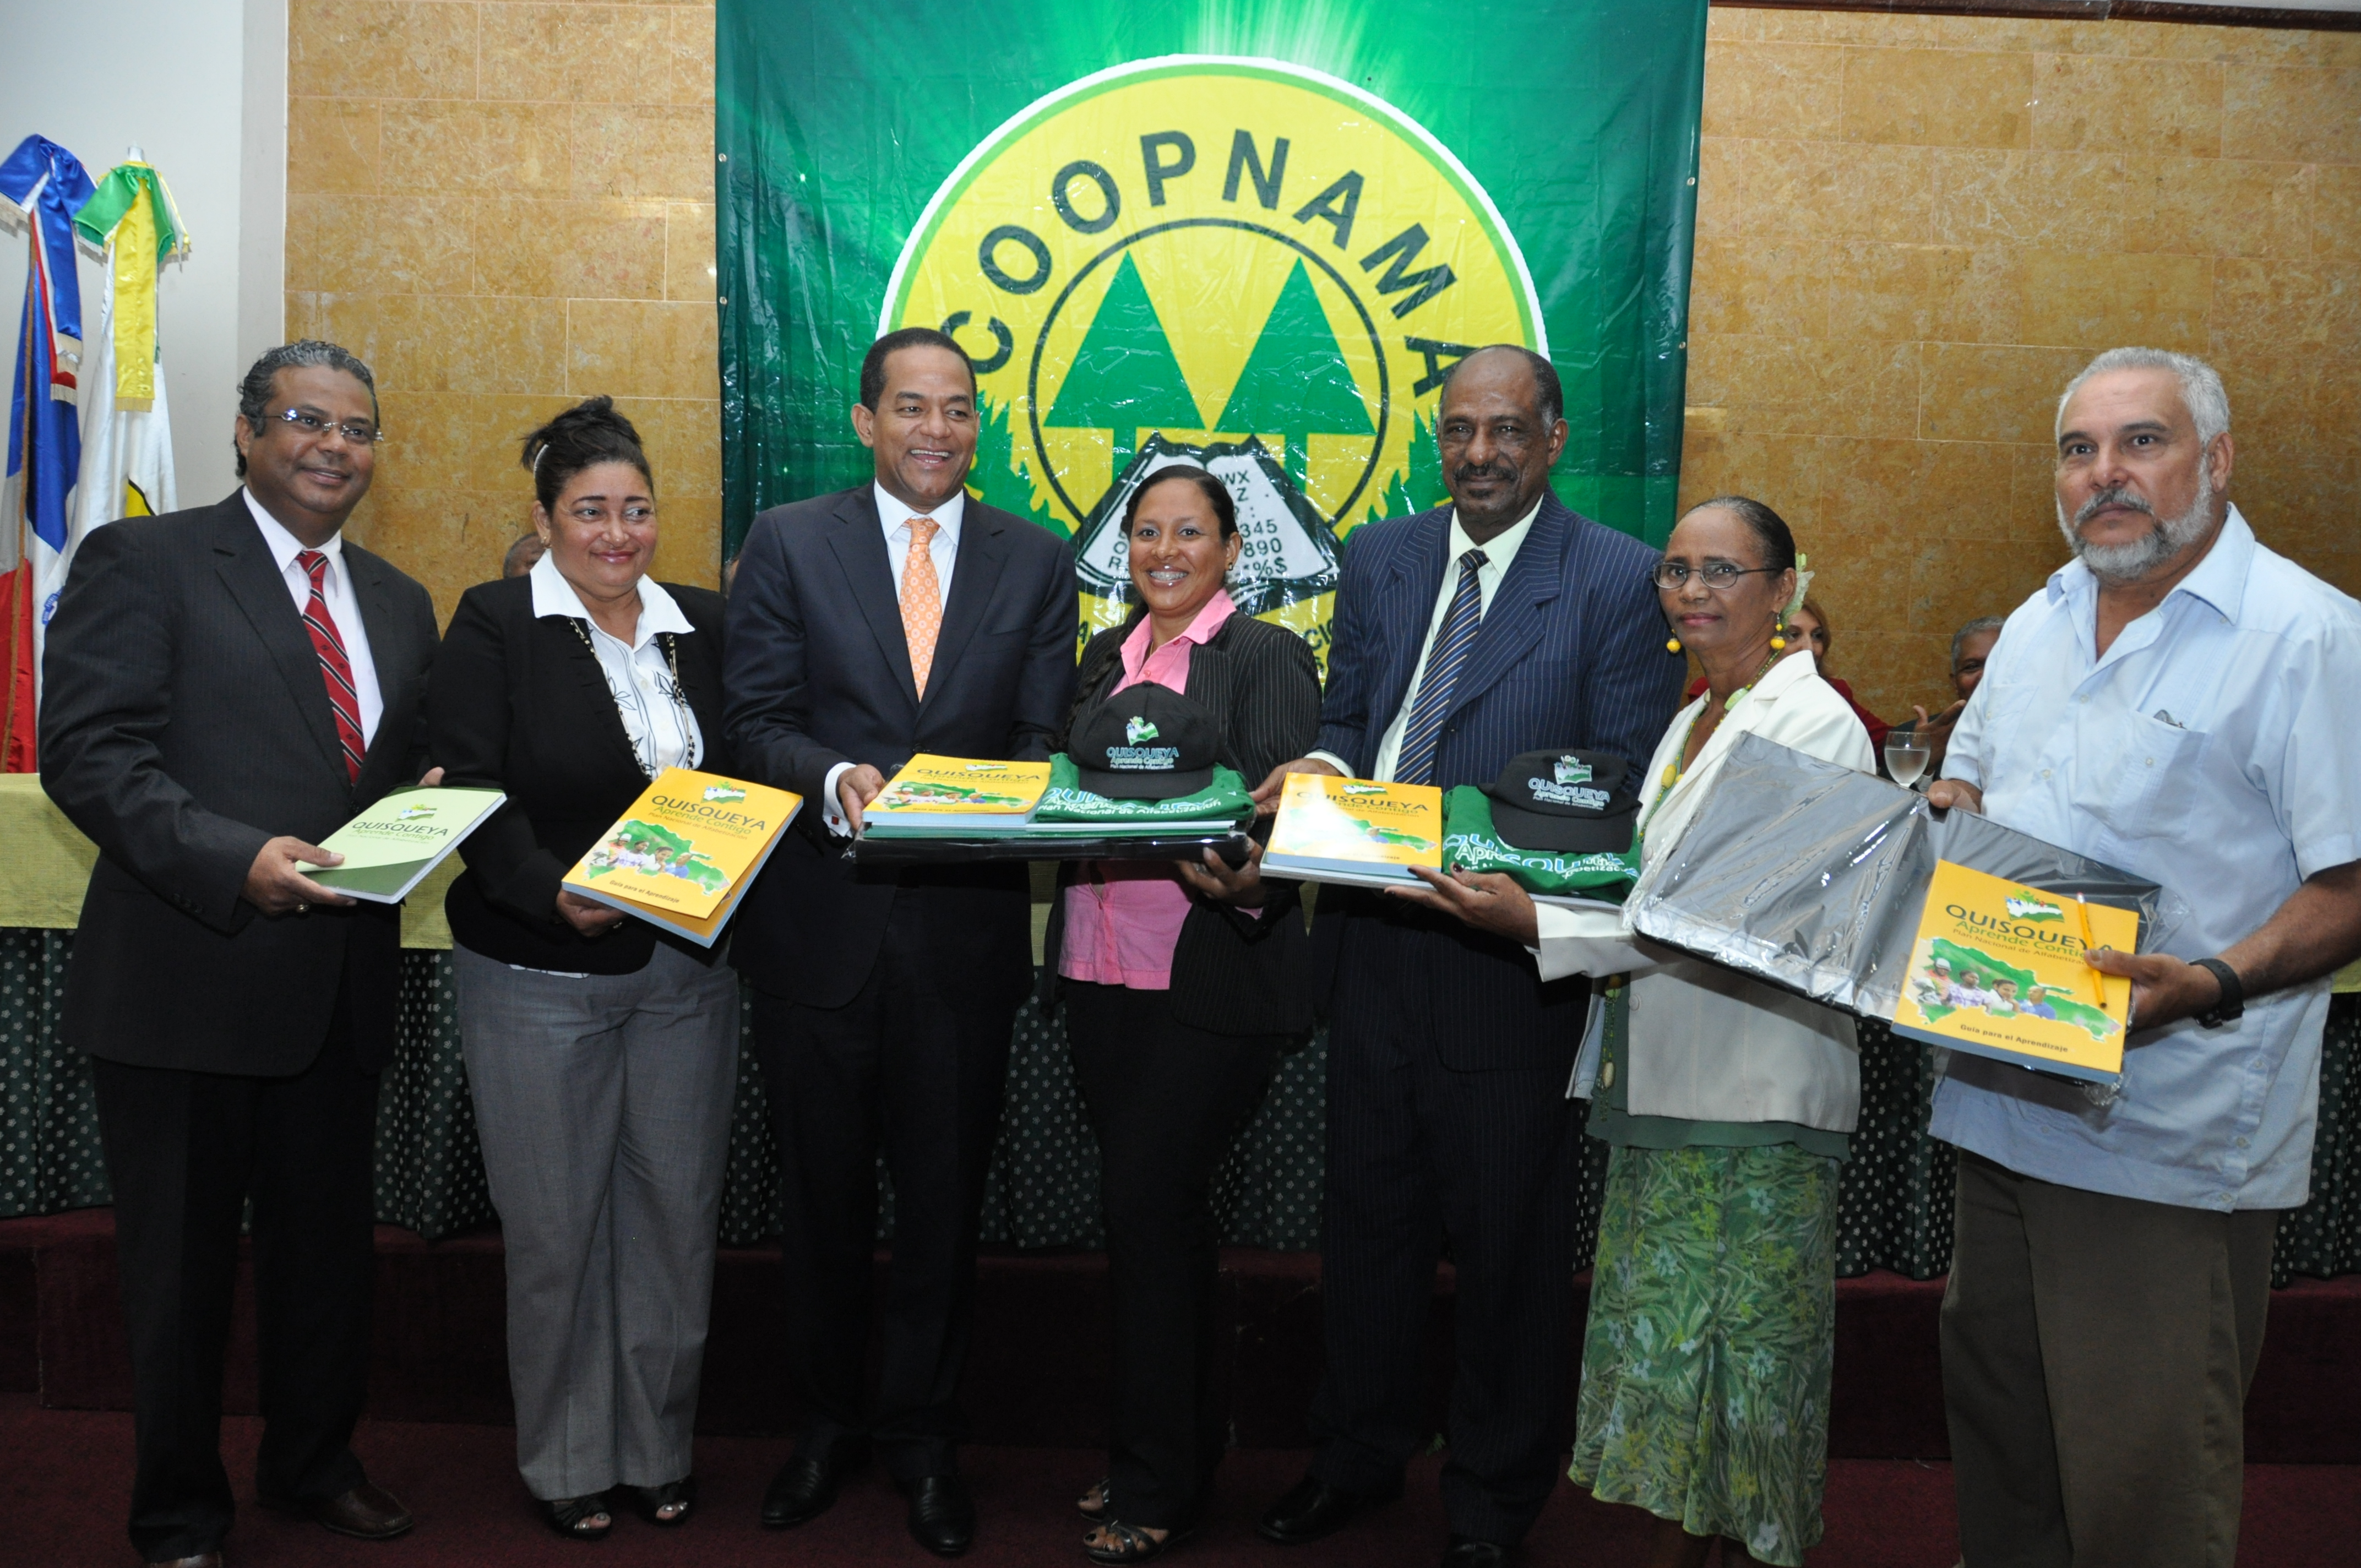 Coopnama desarrolla Plan Alfabetización en sector cooperativo